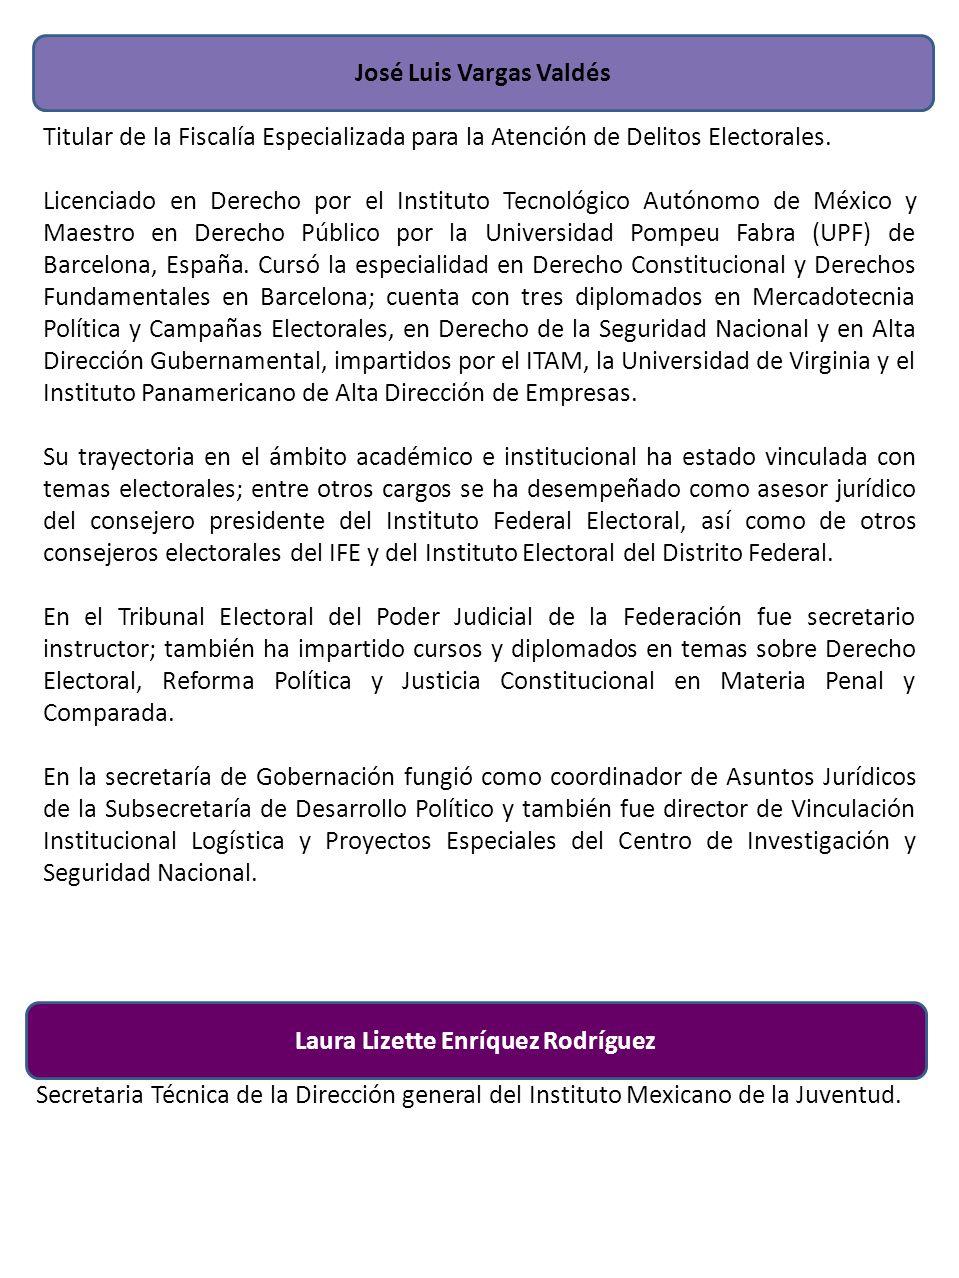 José Luis Vargas Valdés Laura Lizette Enríquez Rodríguez